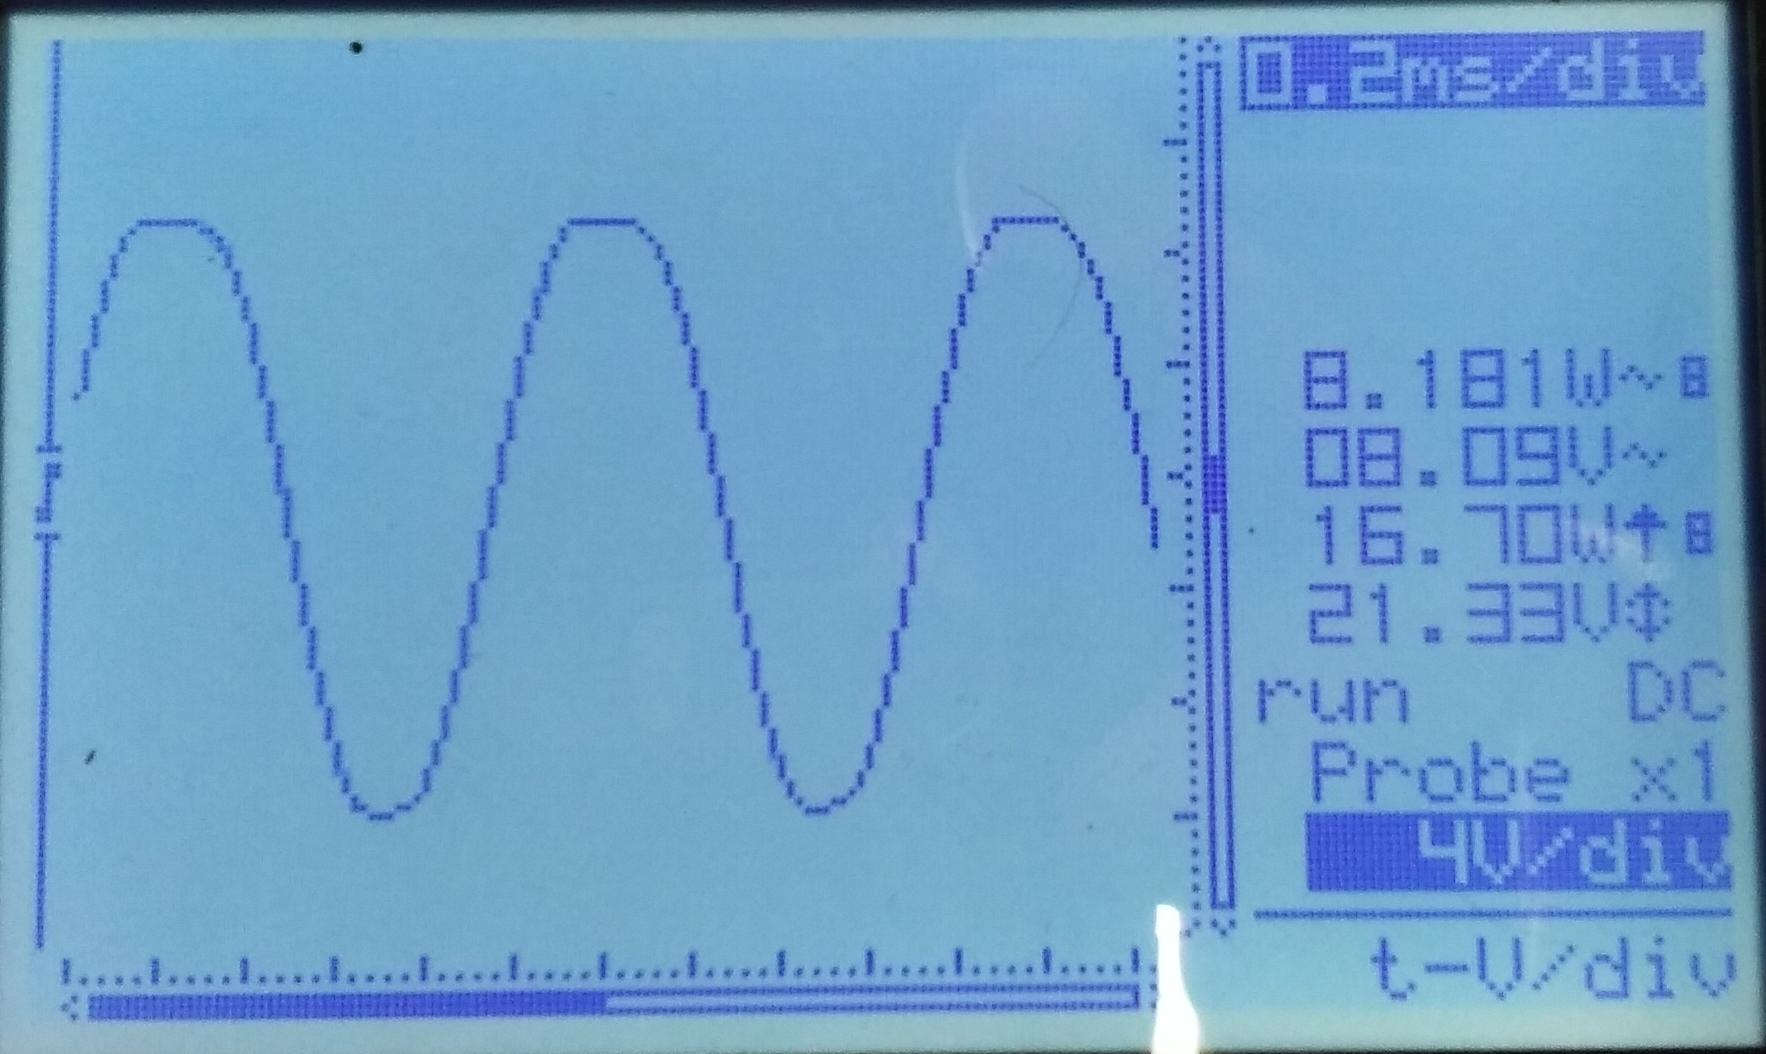 KT77 ultralinear